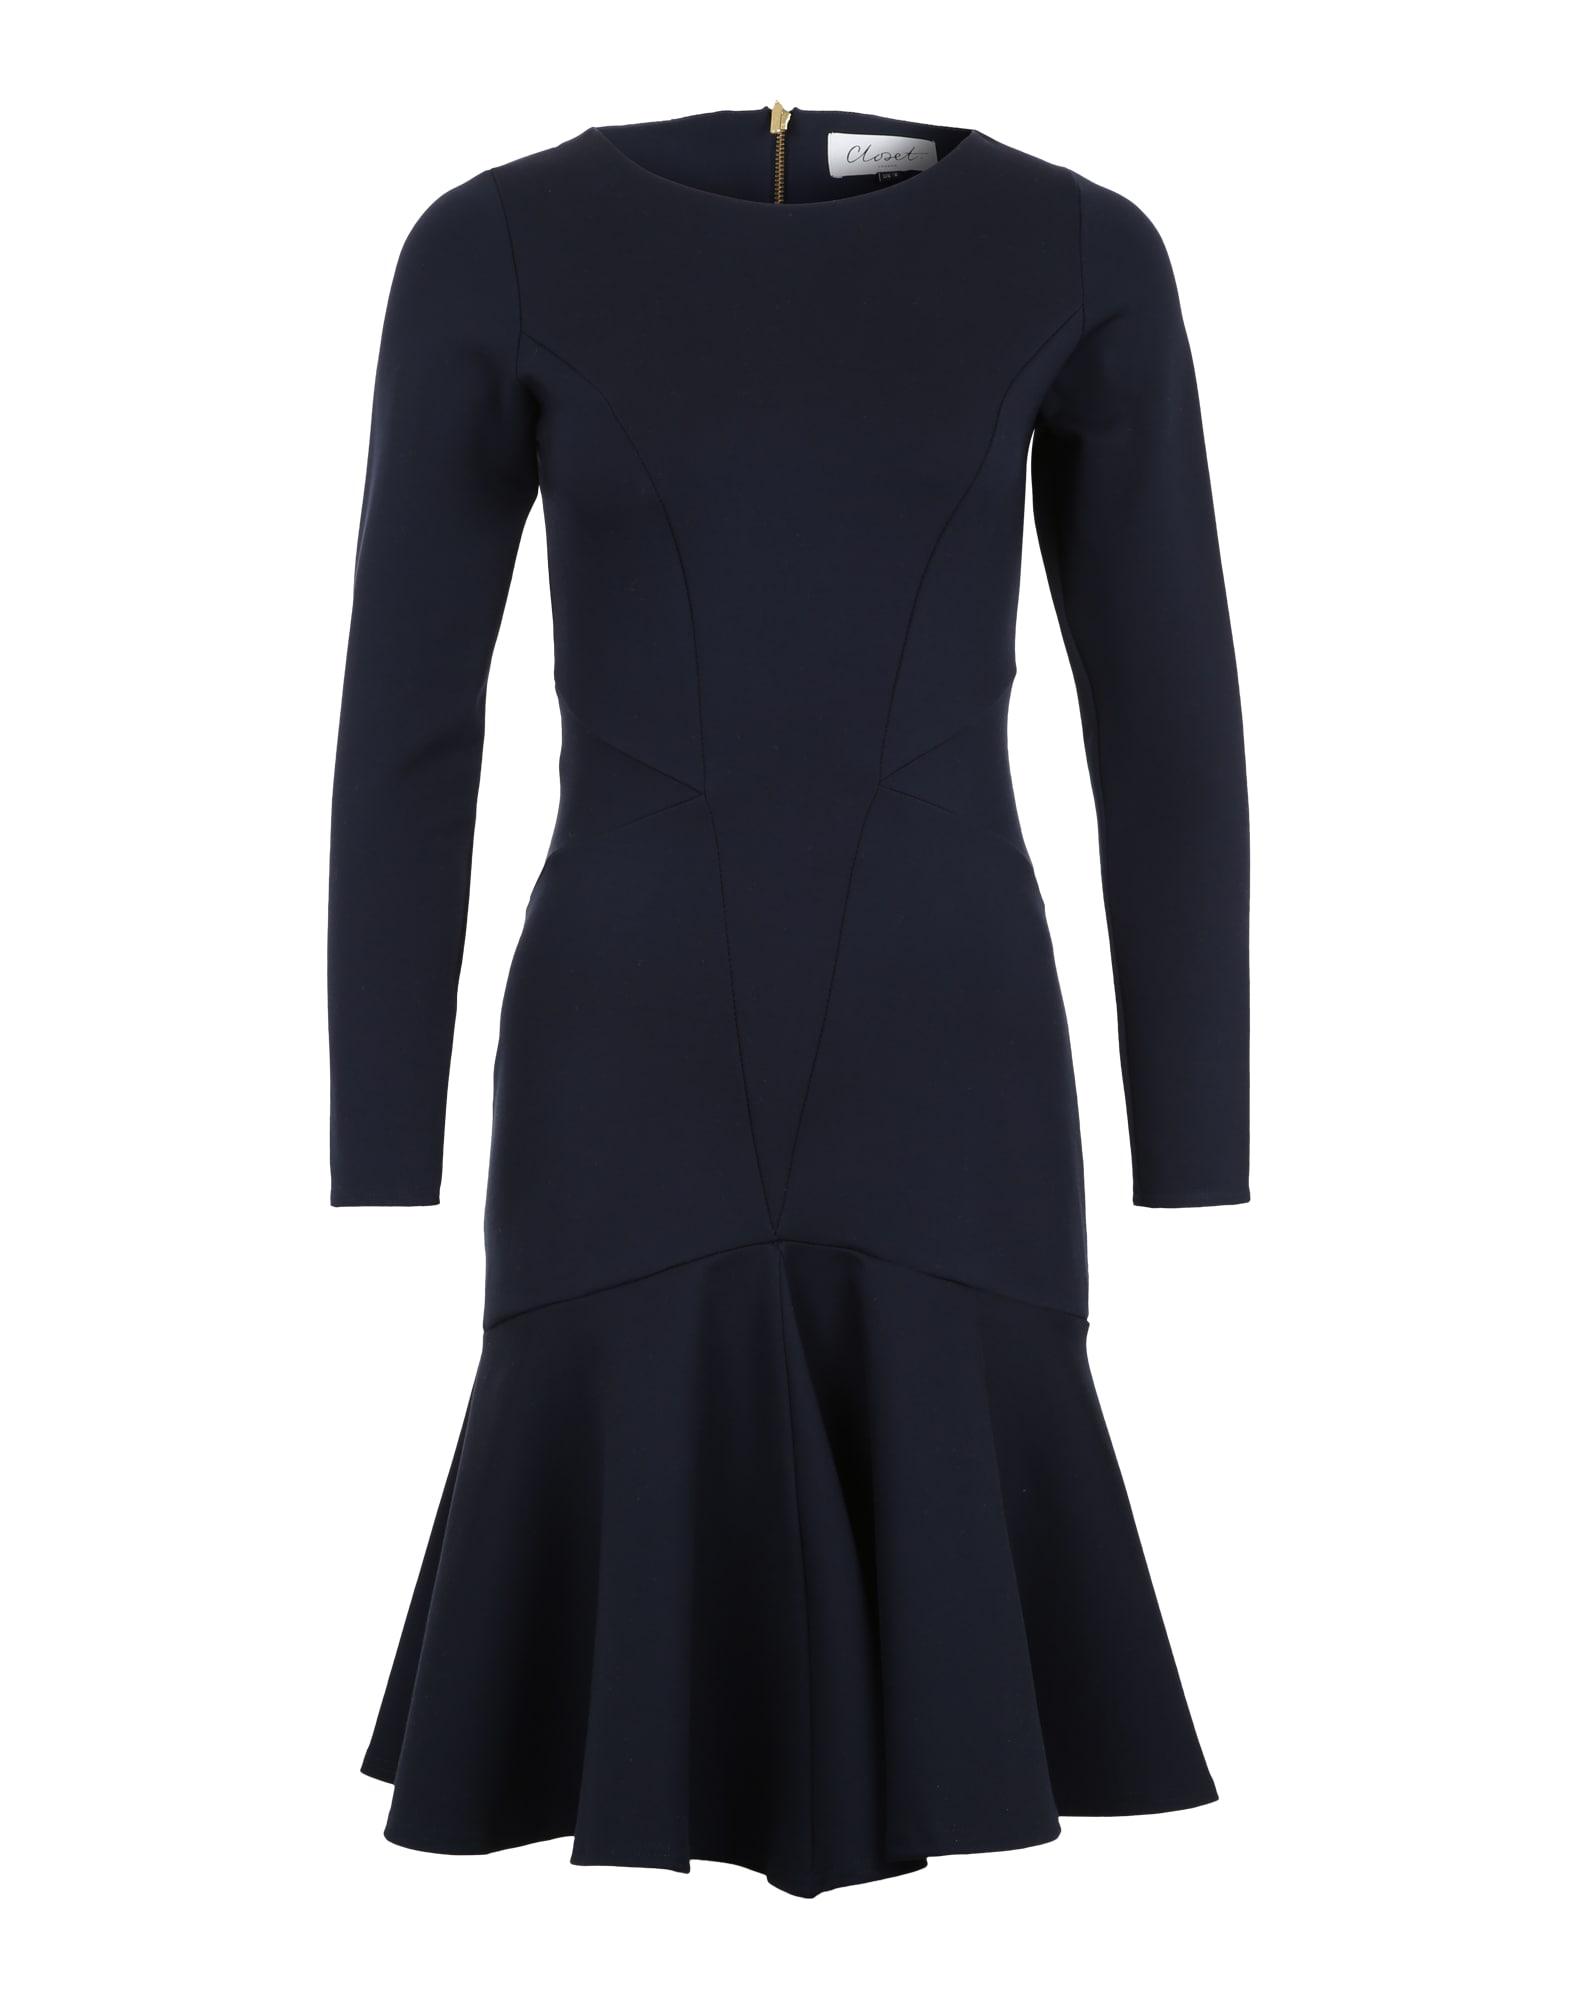 Koktejlové šaty anliegendes Kleid námořnická modř Closet London